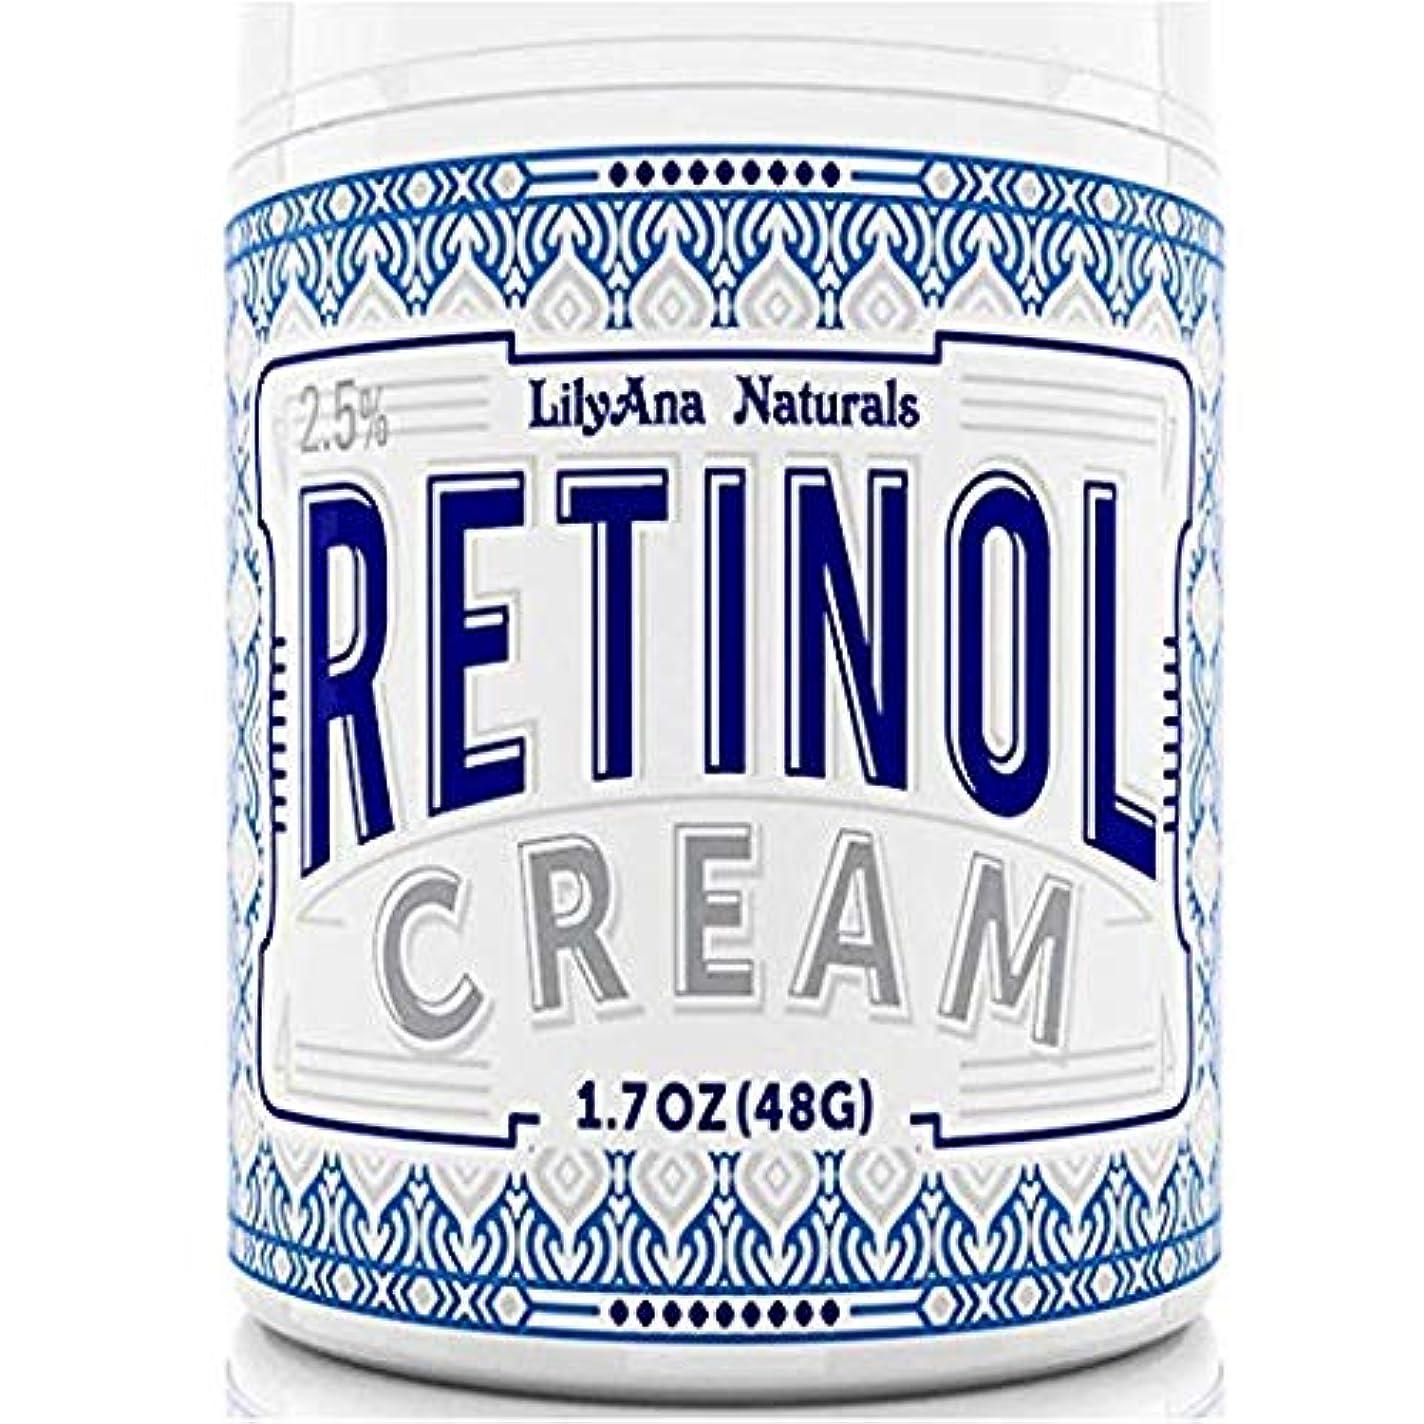 北東引き渡す悲しいLilyAna 社 の レチノール モイスチャー クリーム LilyAna Naturals Retinol Cream Moisturizer 1.7 Oz